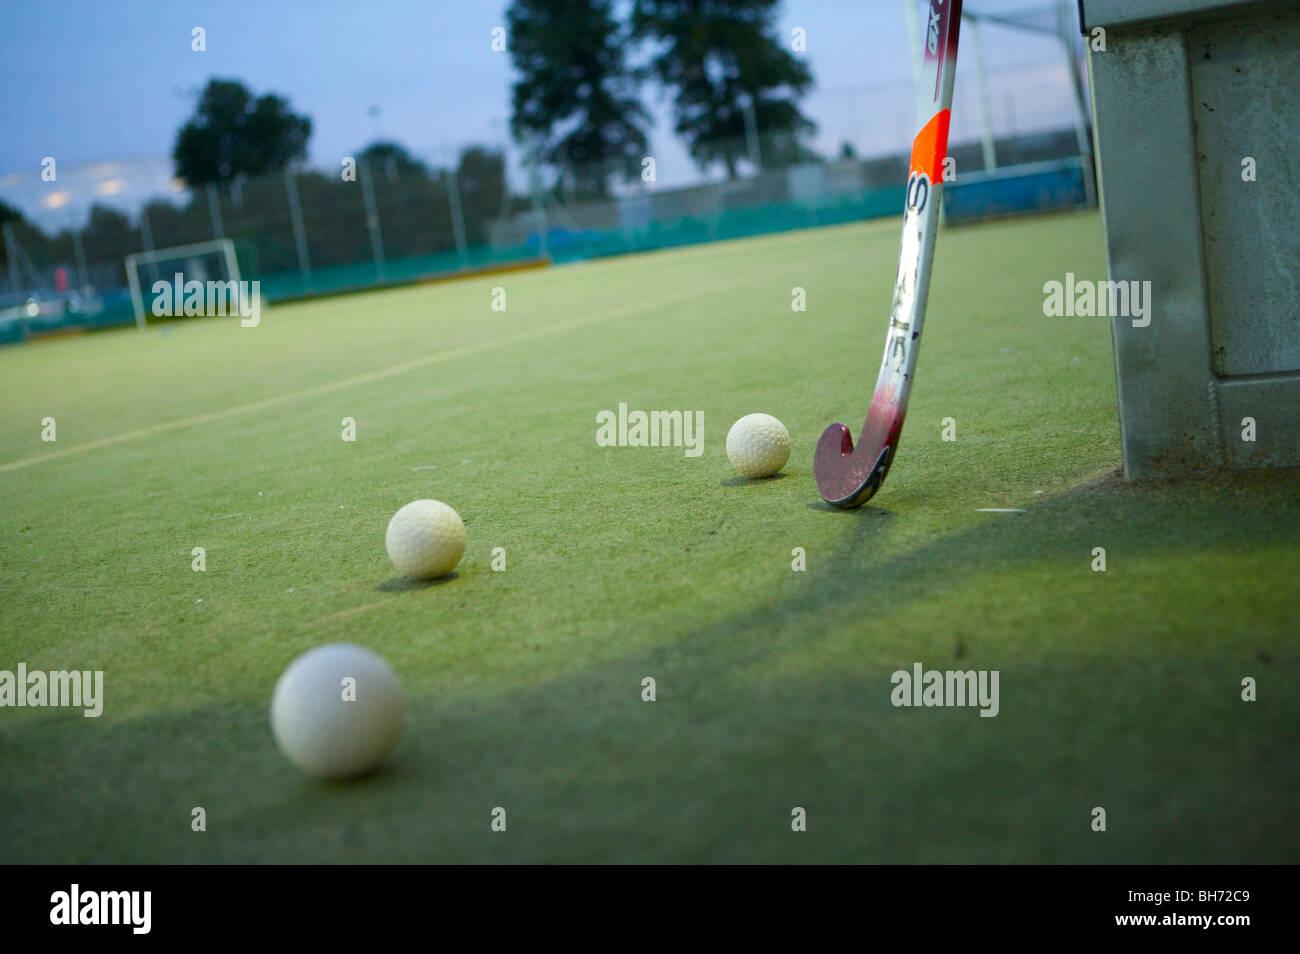 hockey, training, tactics, coach, exercise, students, uk, college, university, club, team, coaching, train, keep, - Stock Image